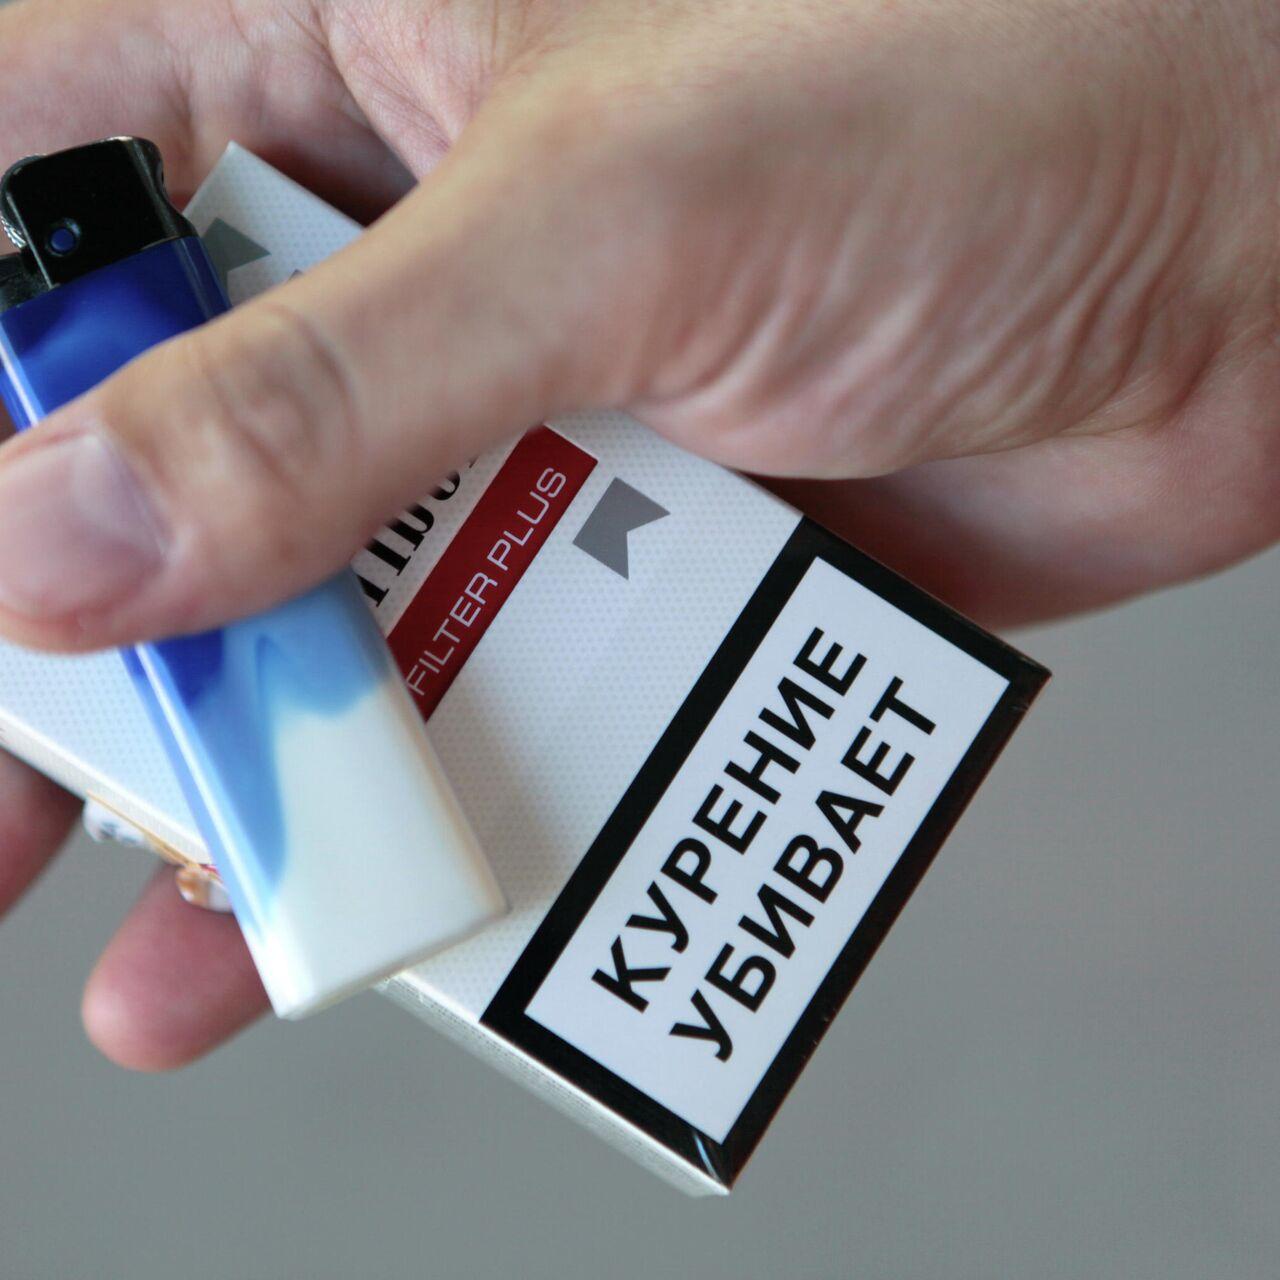 Сигареты купить после 23 00 купить сигареты казахстанские